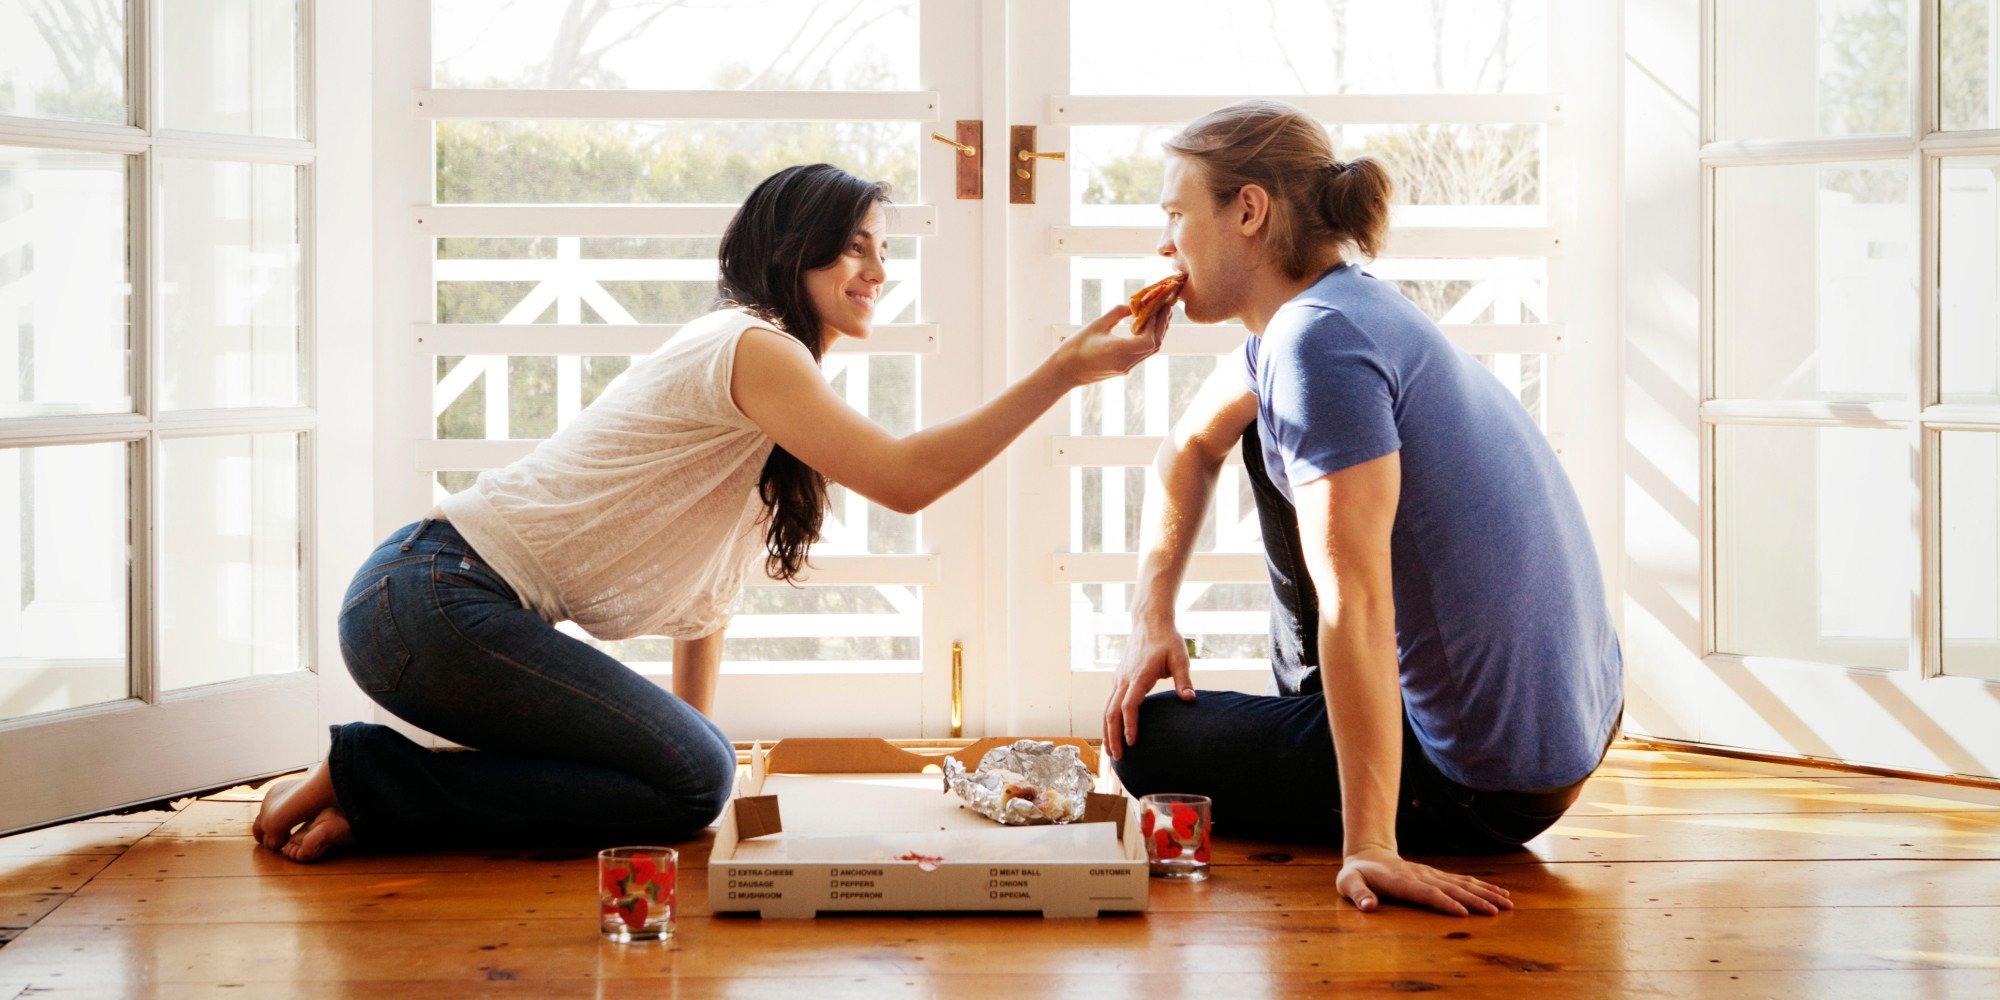 pareja comiendo pizza en el piso